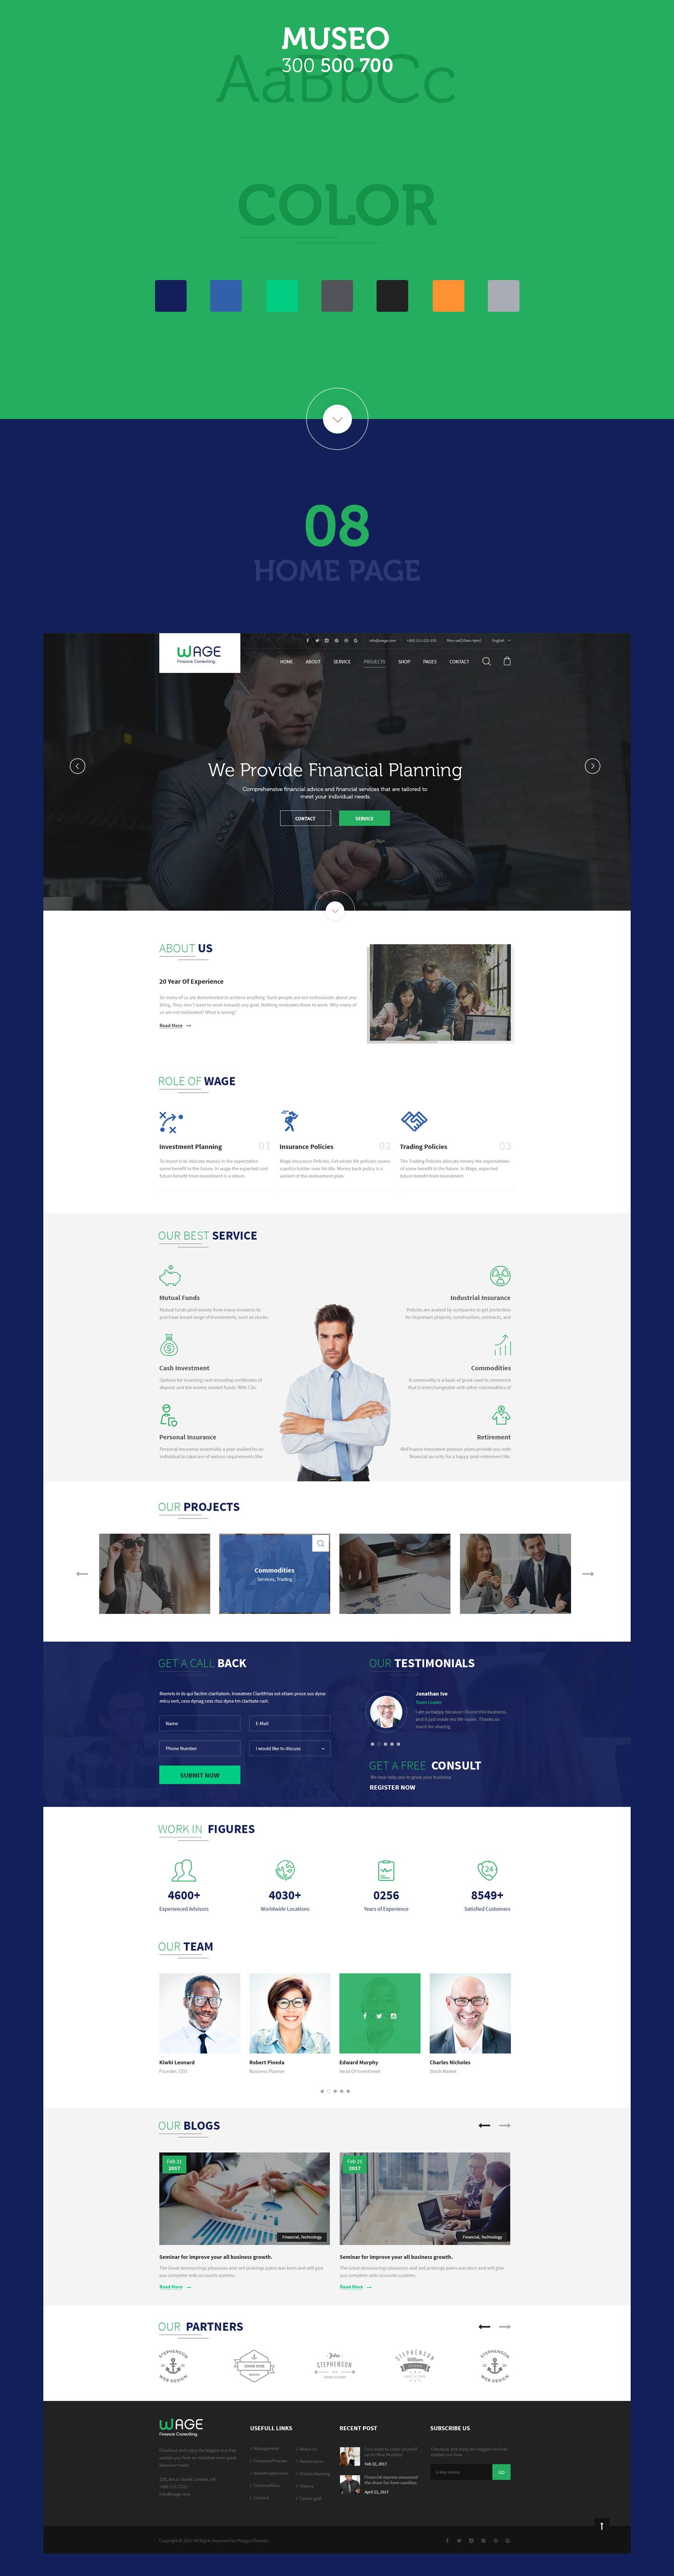 Wage - Business and Finance WordPress Theme - 7